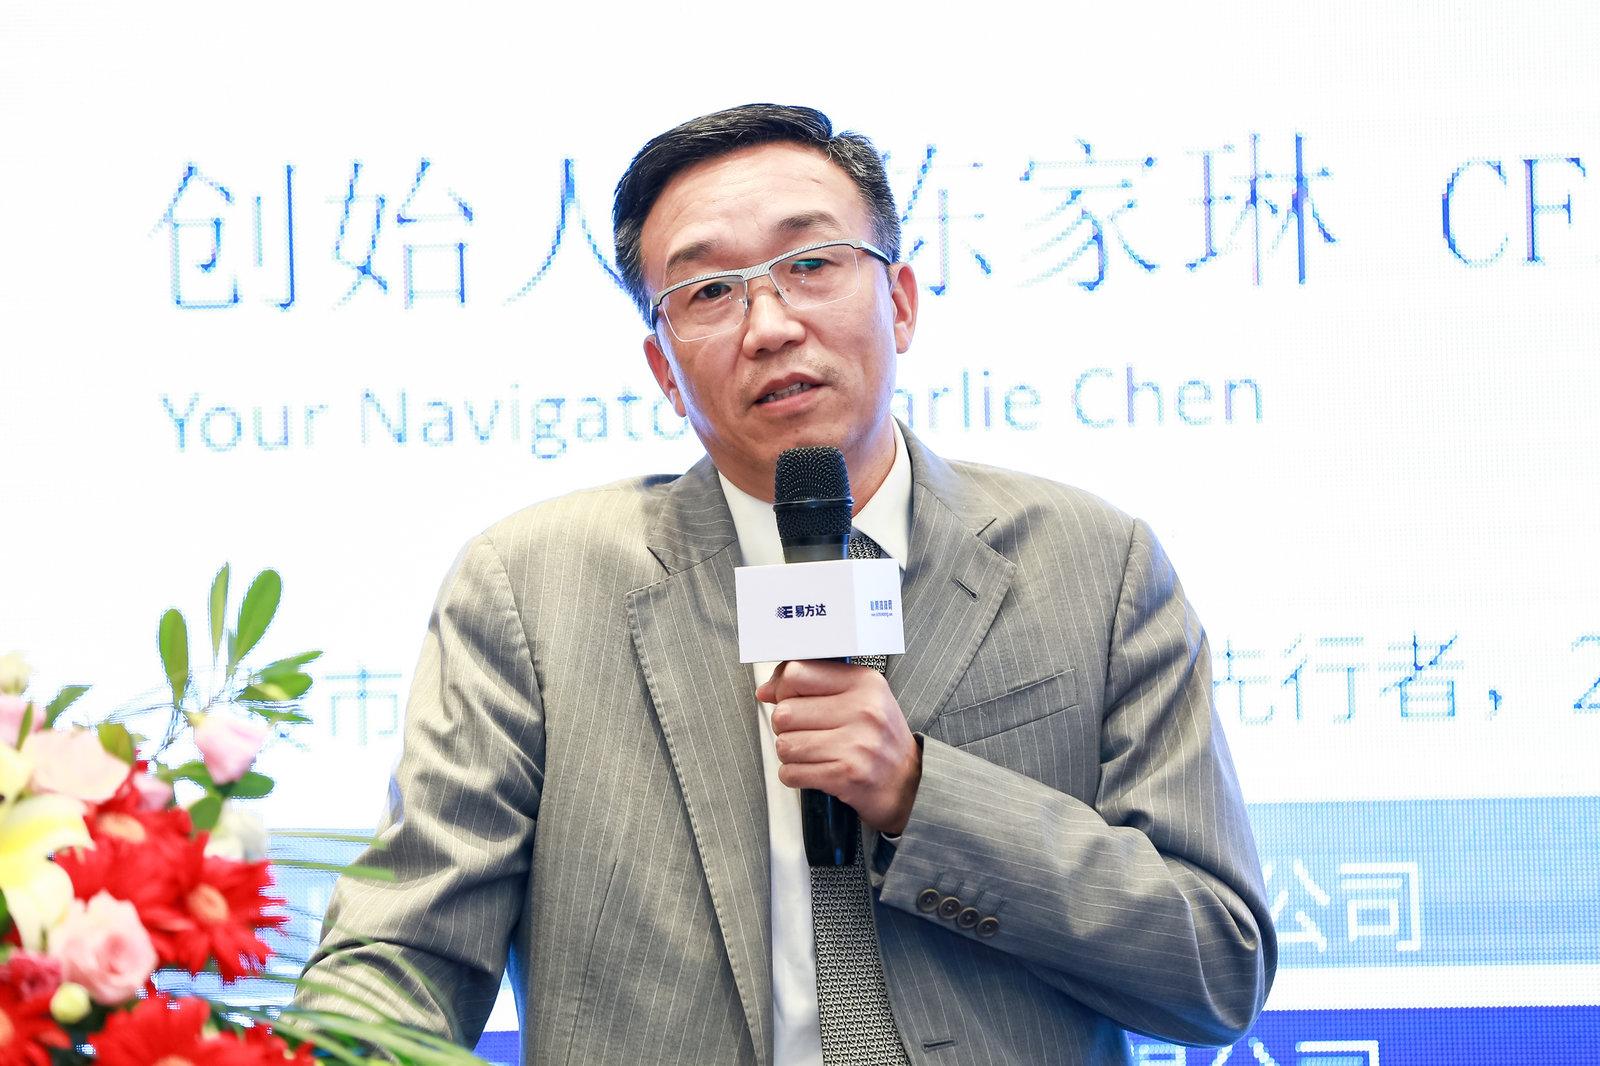 刘奇伟 上海世诚投资管理有限公司董事总经理 (1).jpg